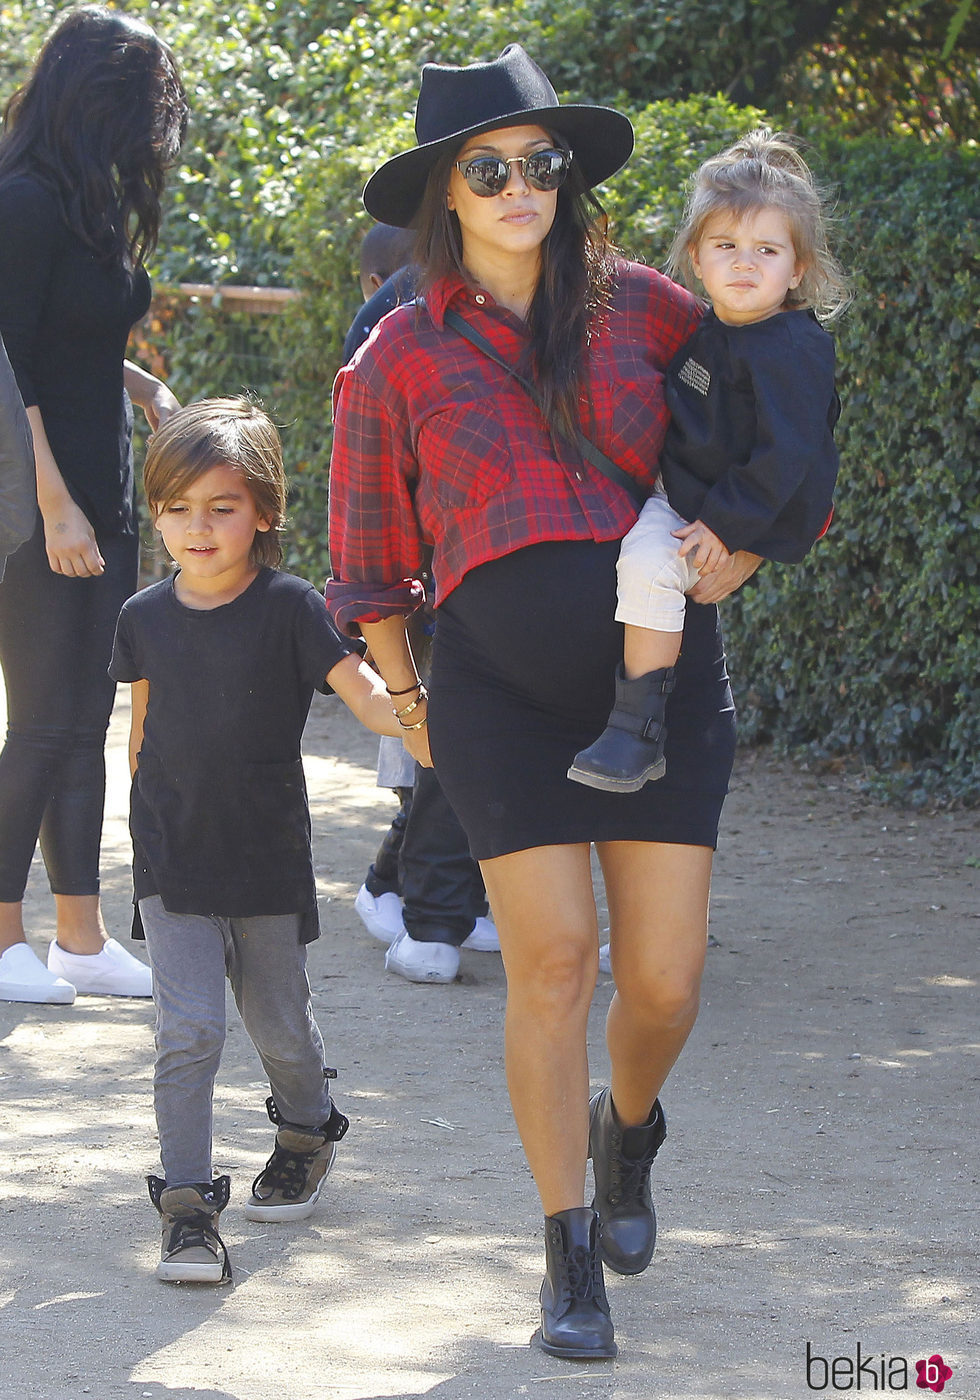 Kourtney Kardashian pasea por el parque con sus hijos Mason y Penelope Disick